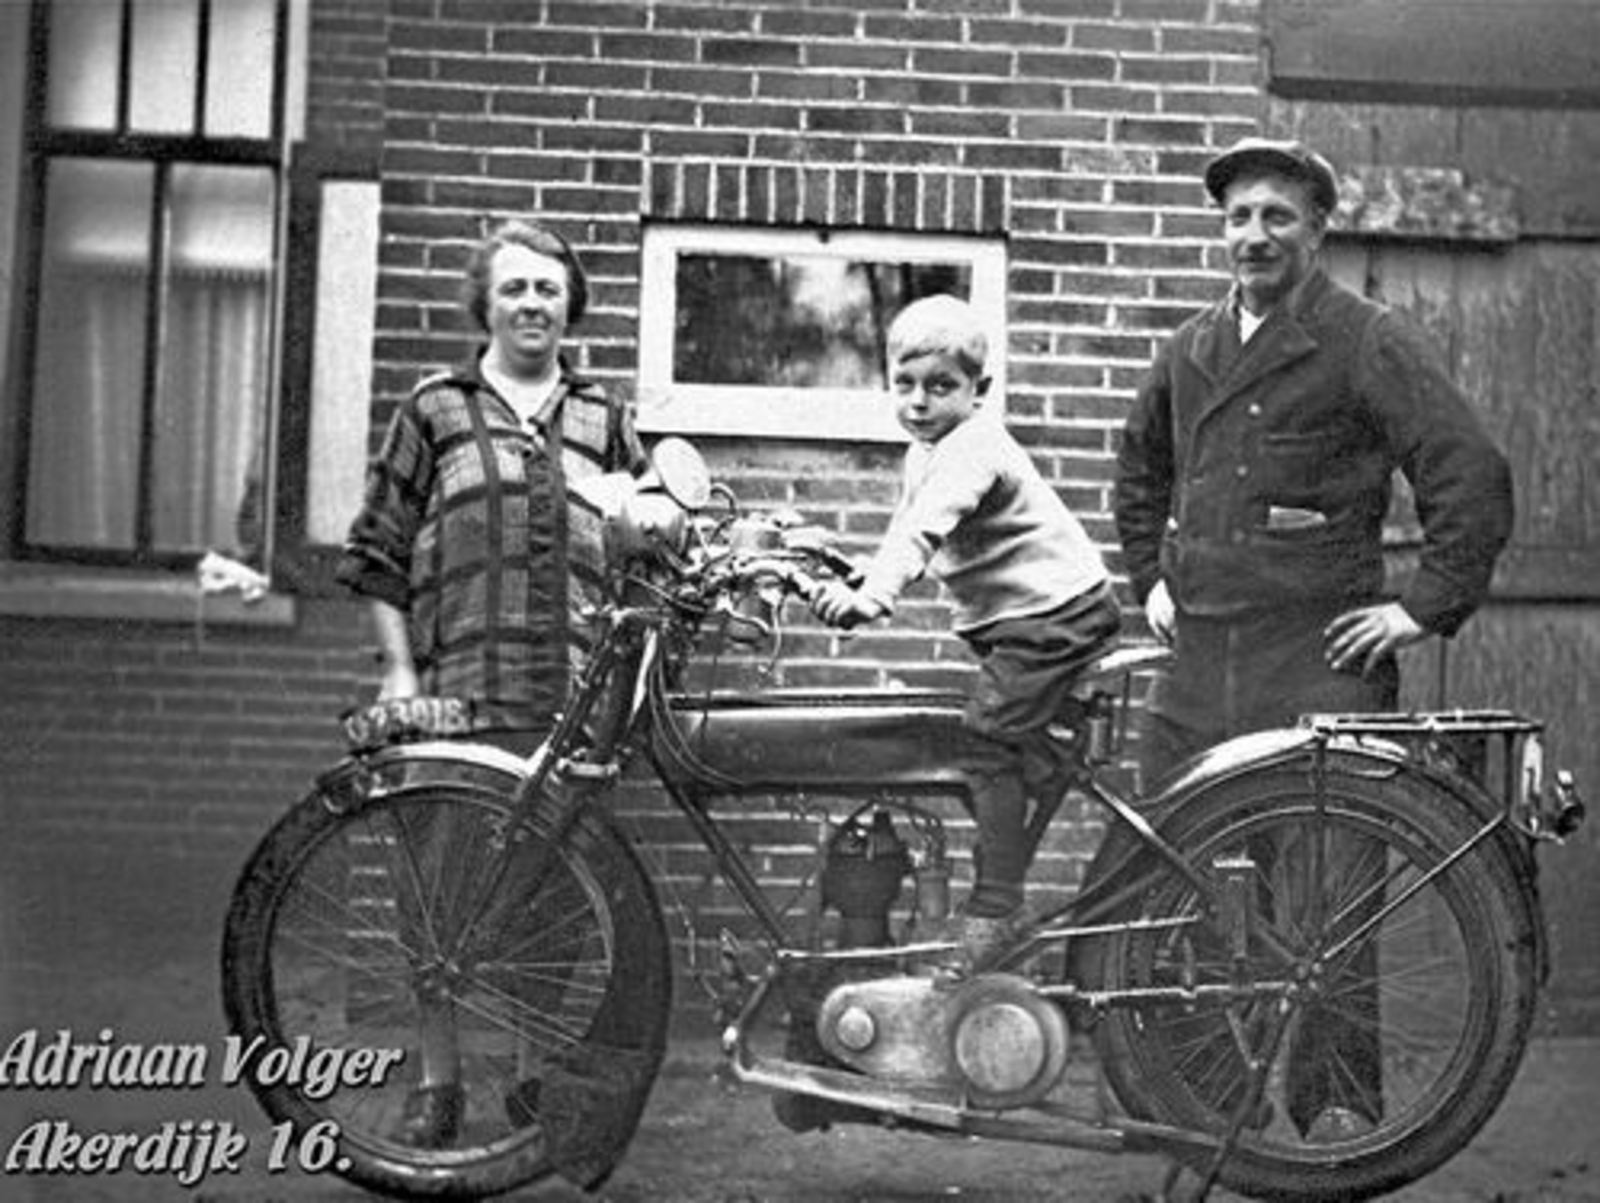 Akerdijk 0016 1929± Adriaan Volger op Motor met Vader en Moeder